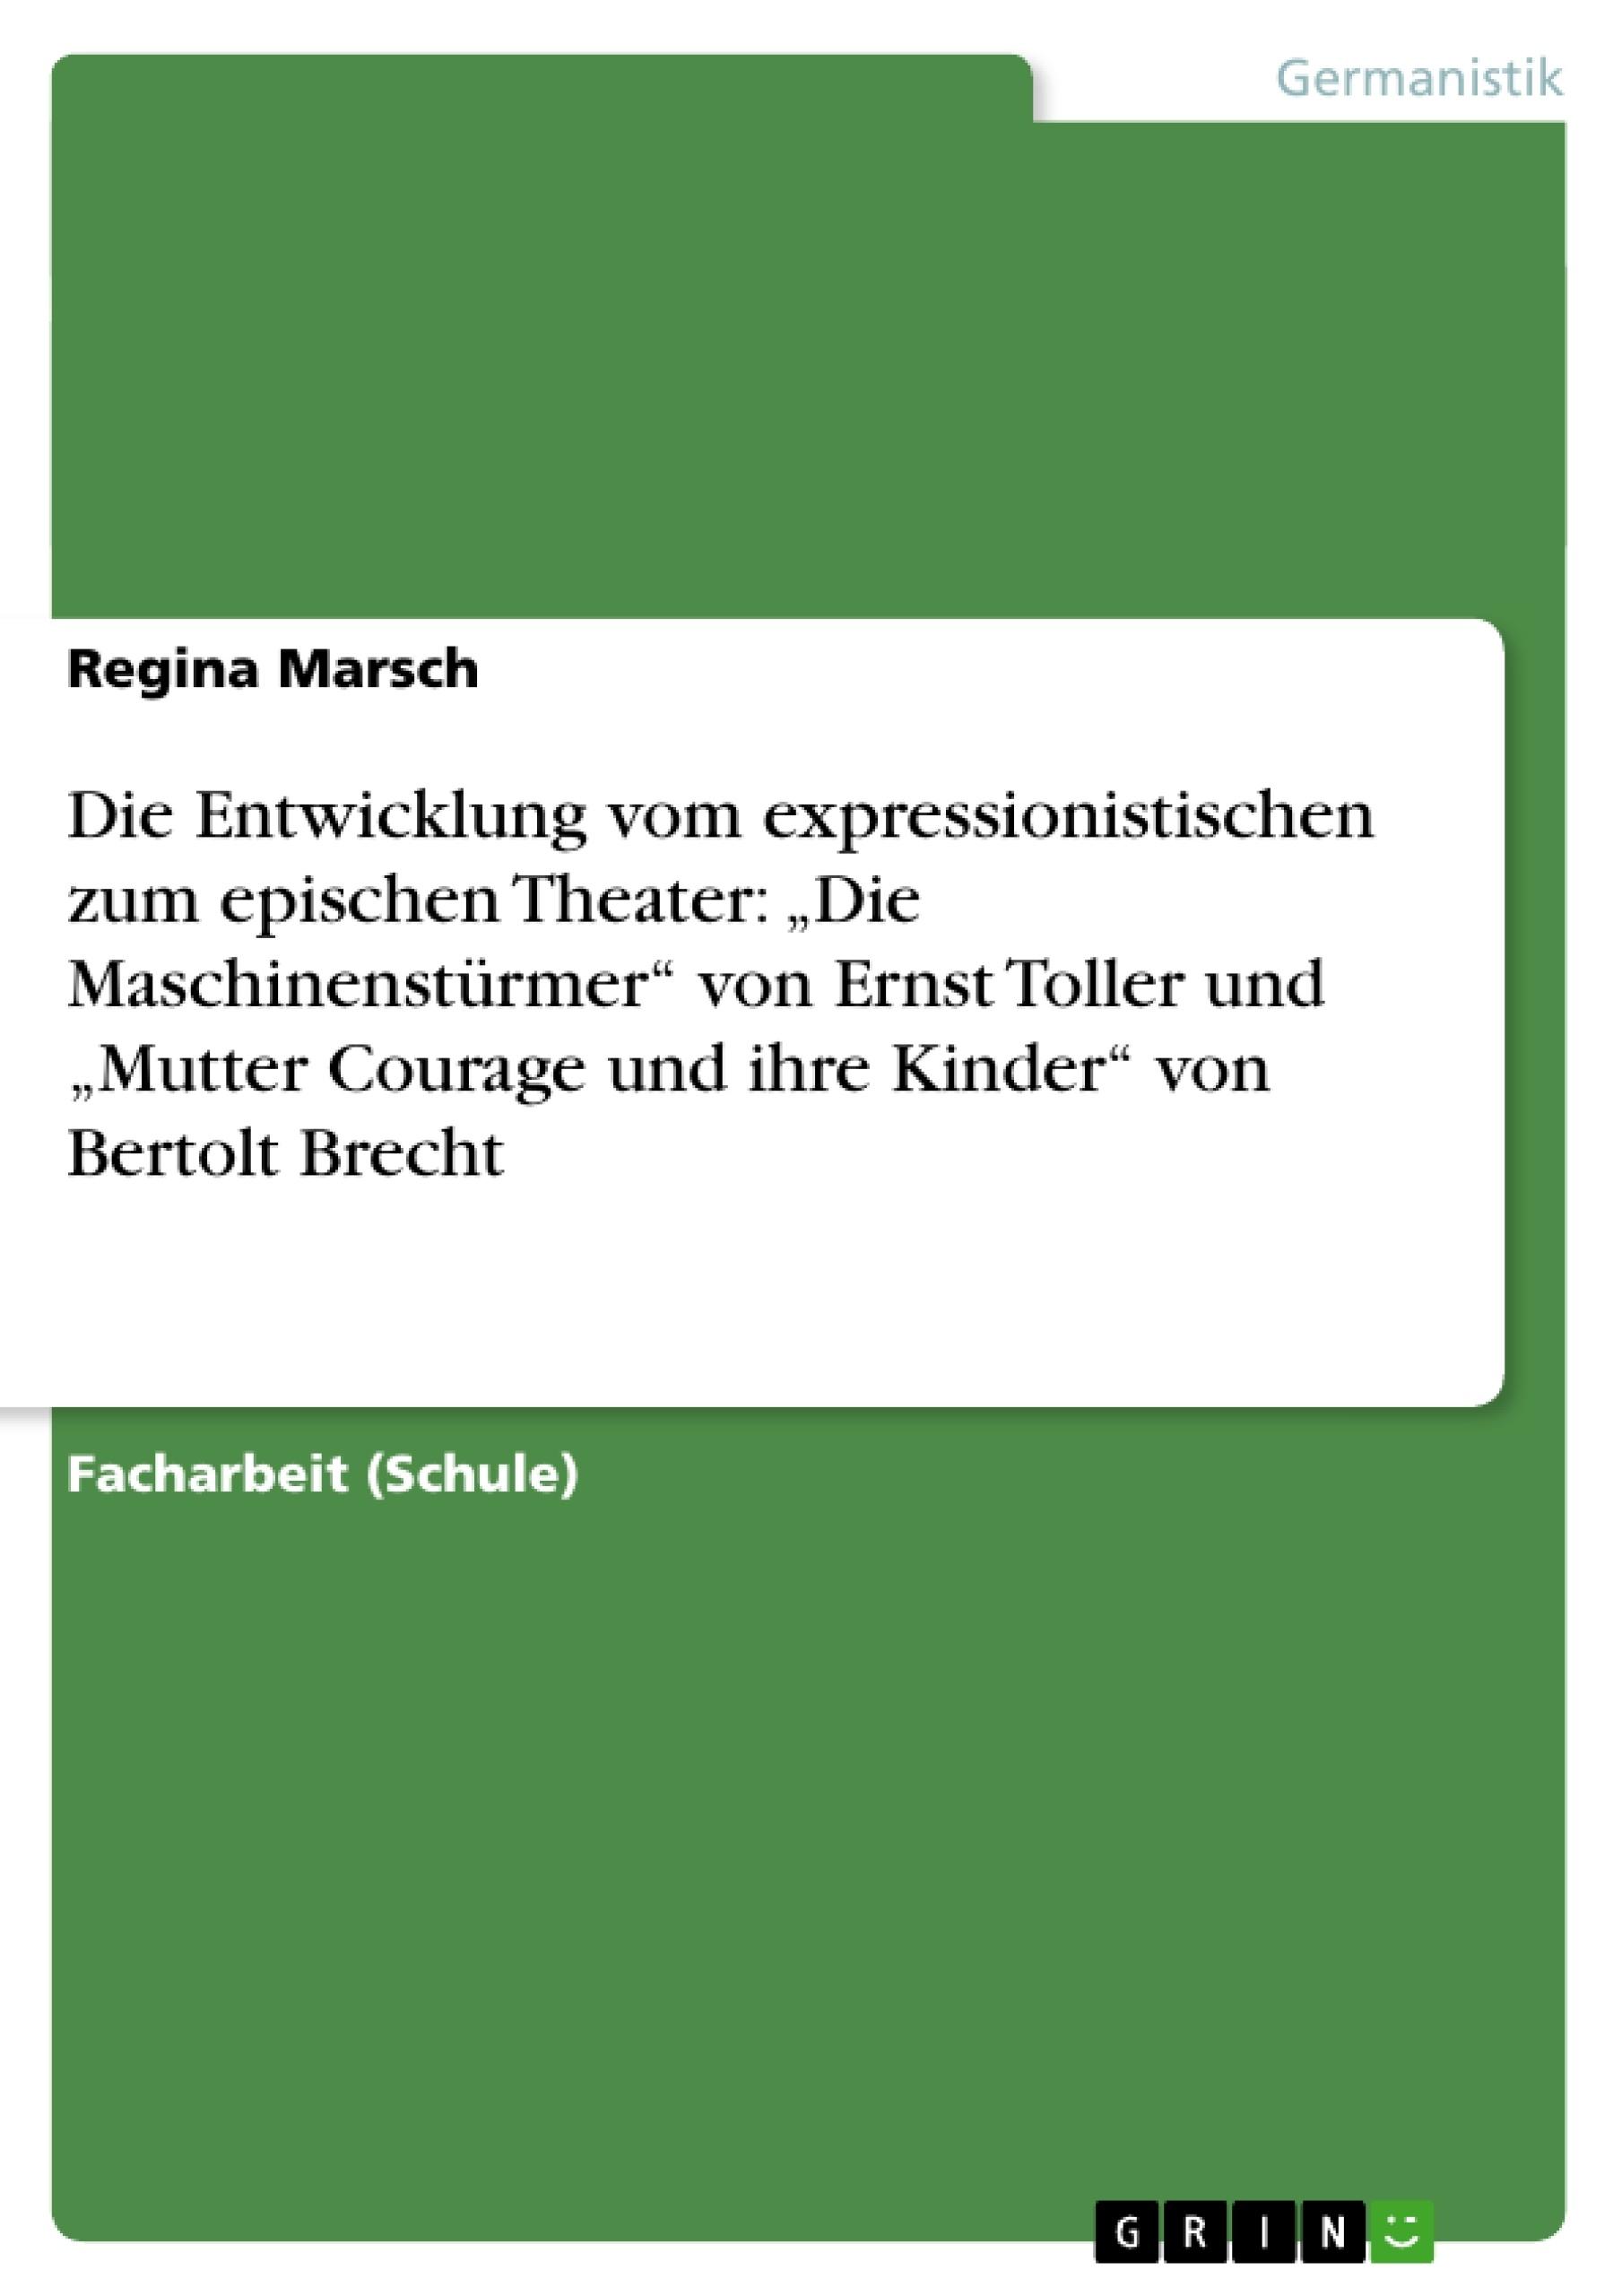 """Titel: Die Entwicklung vom expressionistischen zum epischen Theater: """"Die Maschinenstürmer"""" von Ernst Toller und """"Mutter Courage und ihre Kinder"""" von Bertolt Brecht"""